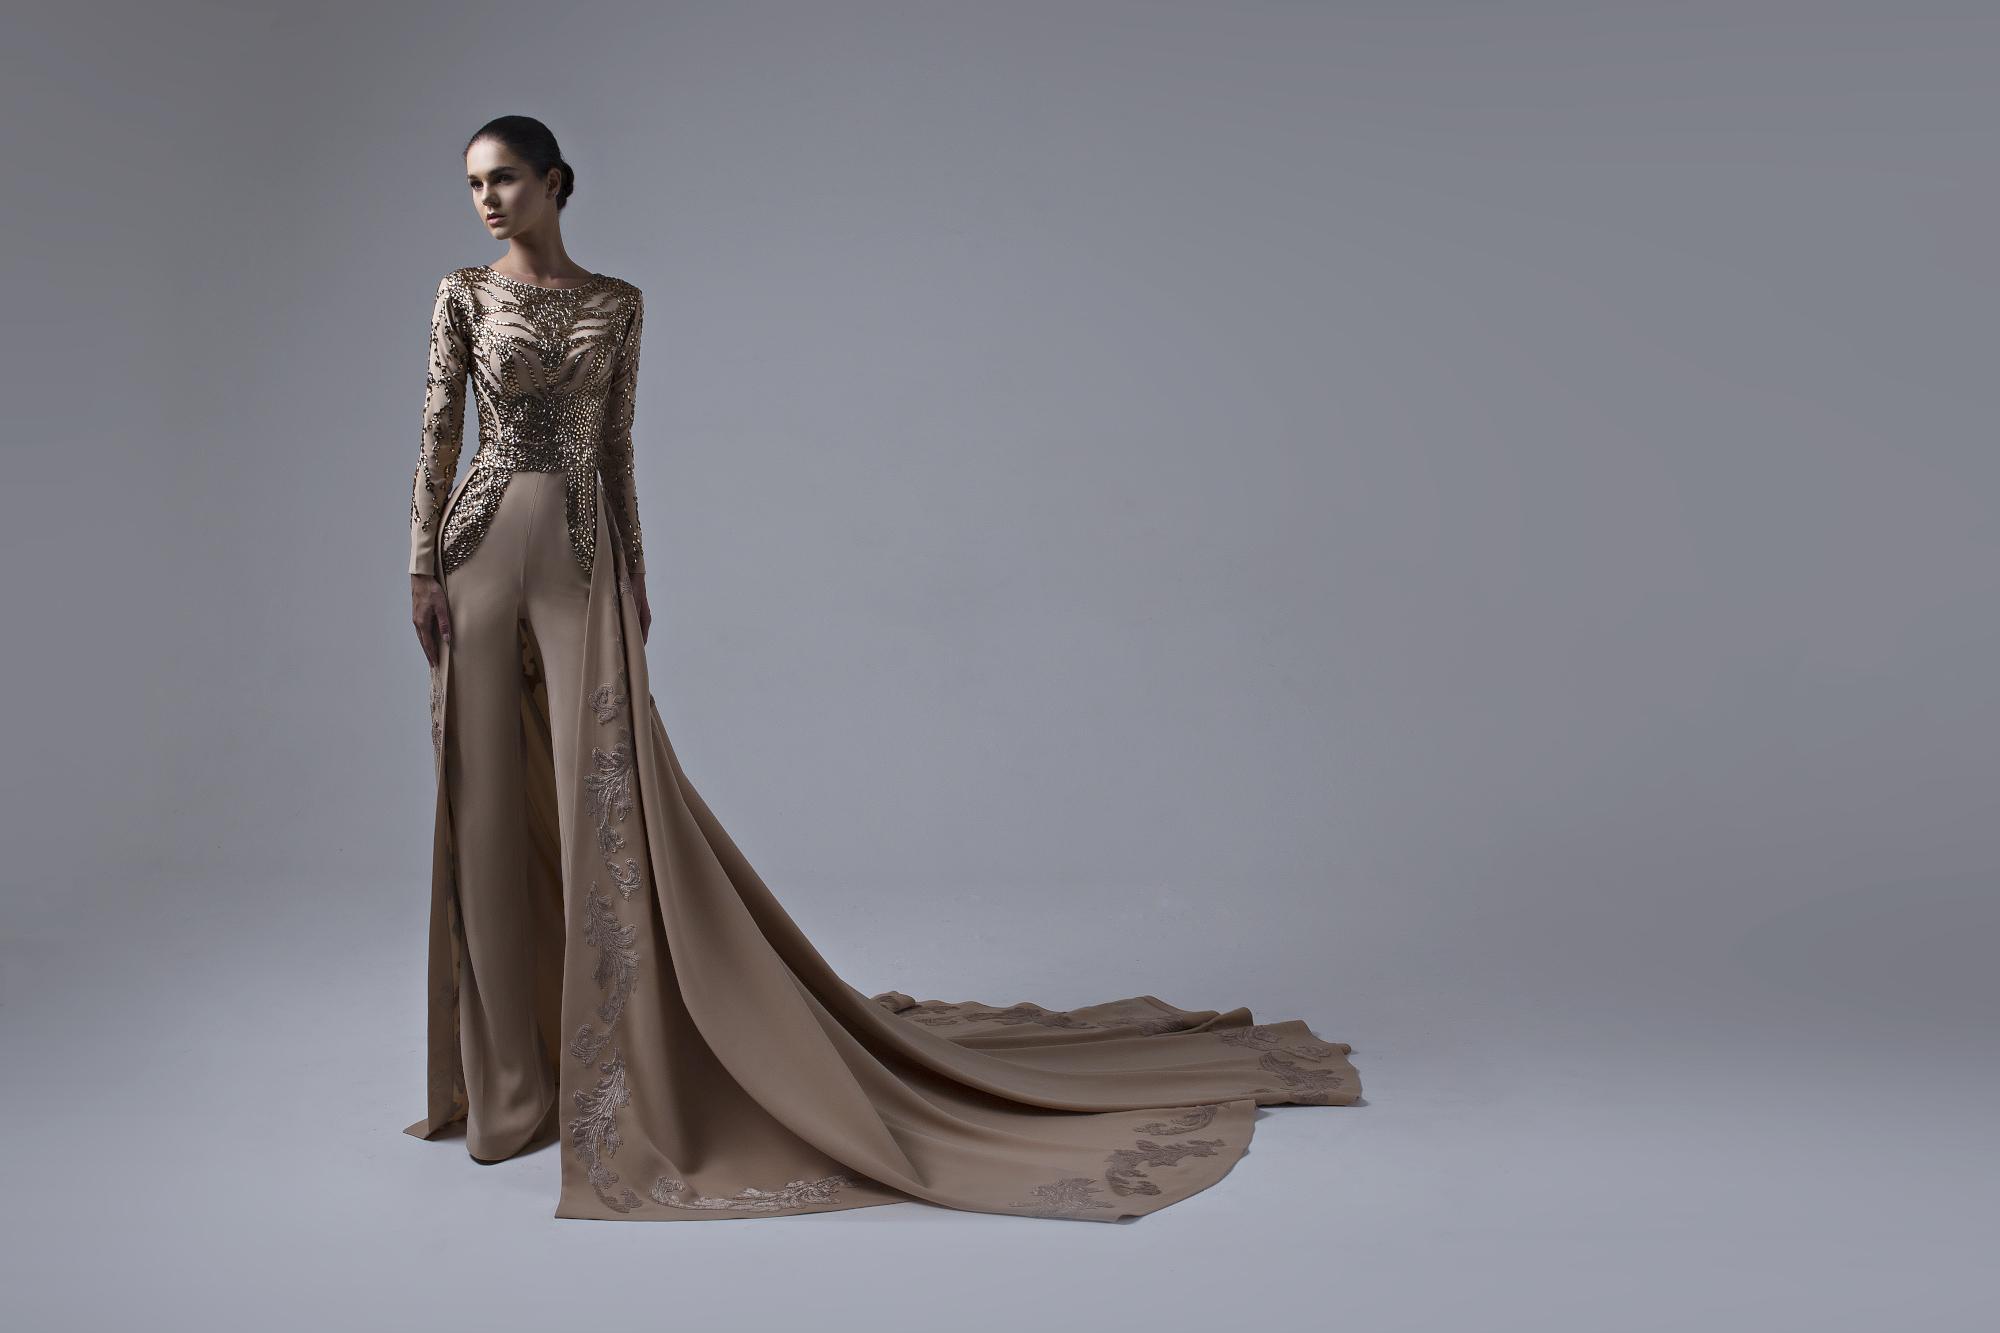 صورة أنجلينا تطلق تصاميم شتاء وخريف 2016  وتصرح اتمنى  أن ترتدي الملكة رانيا من تصاميمي